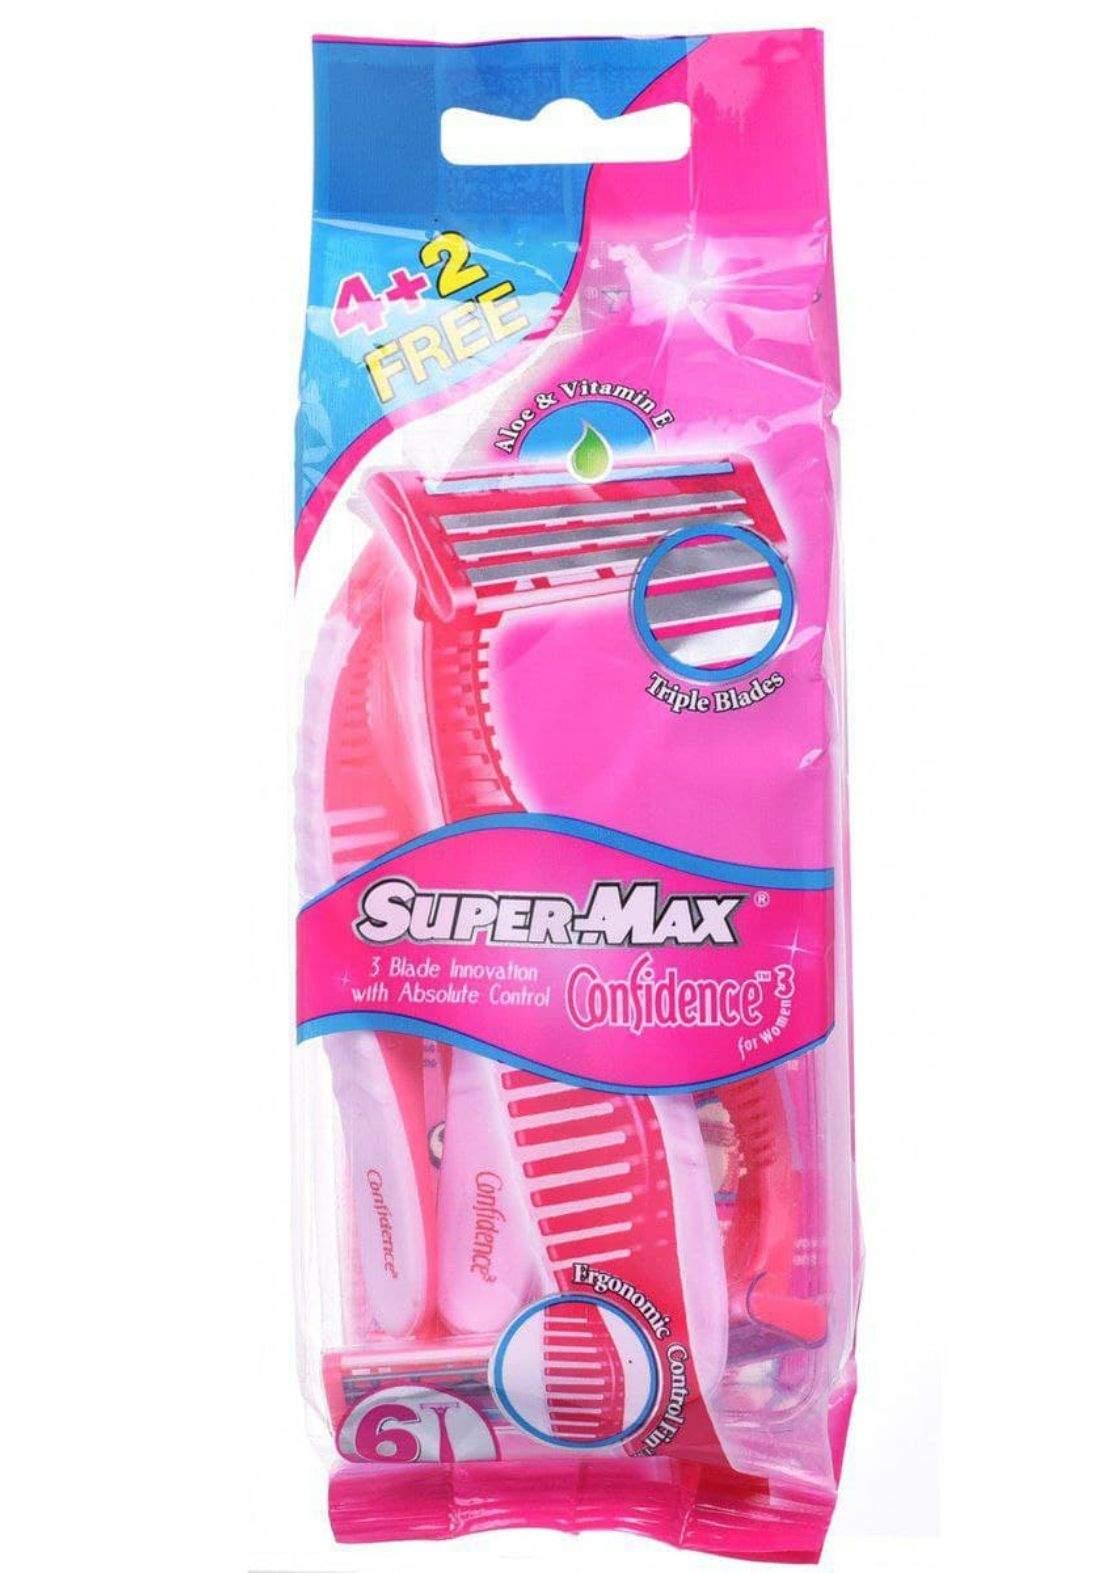 Shaving razors X6 شفرات حلاقة